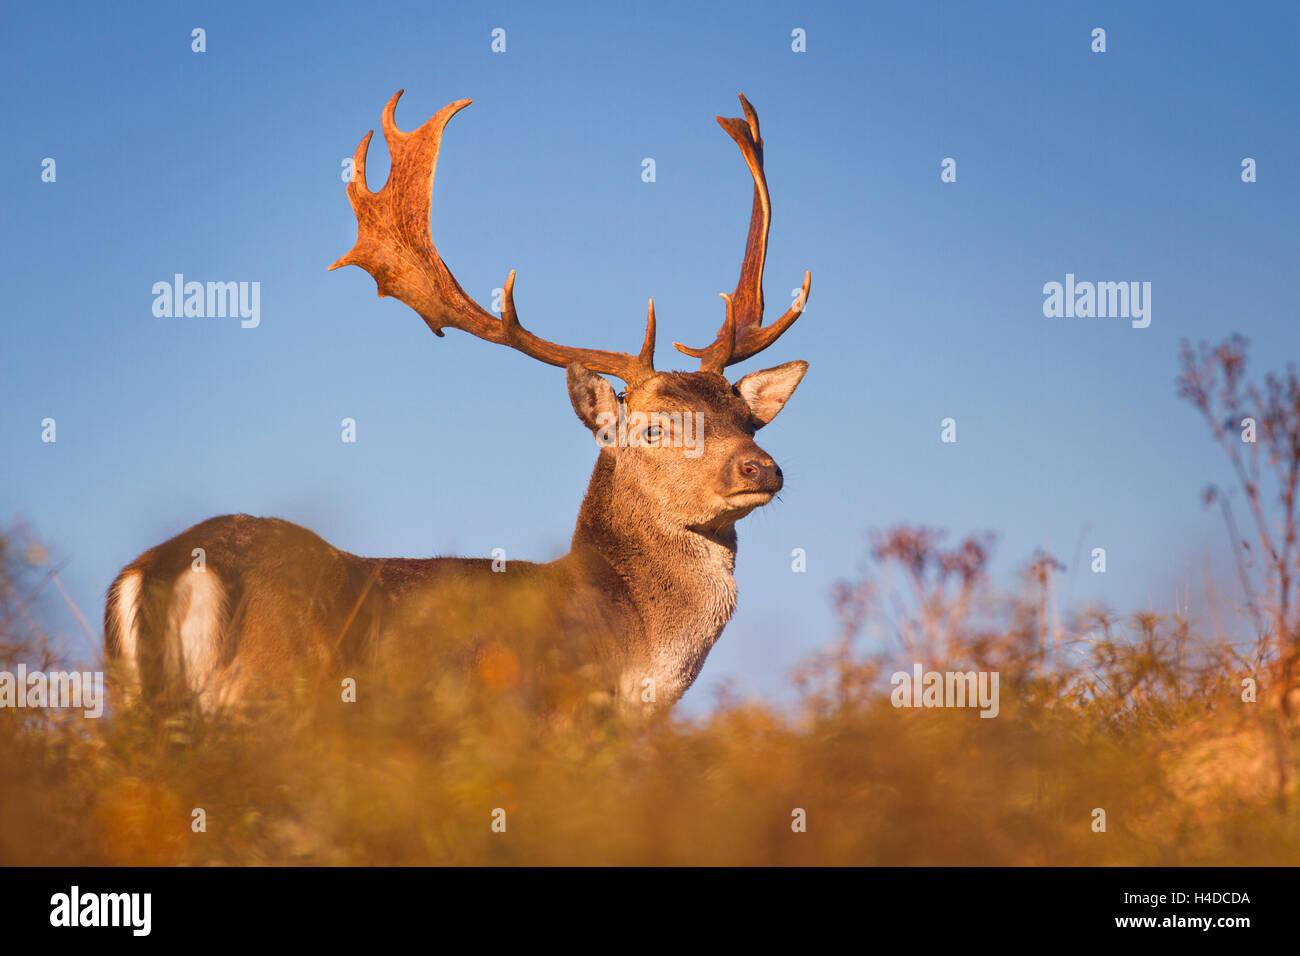 Un daim mâle sauvage au début de la lumière du soleil du matin. Photographié à l'automne Photo Stock